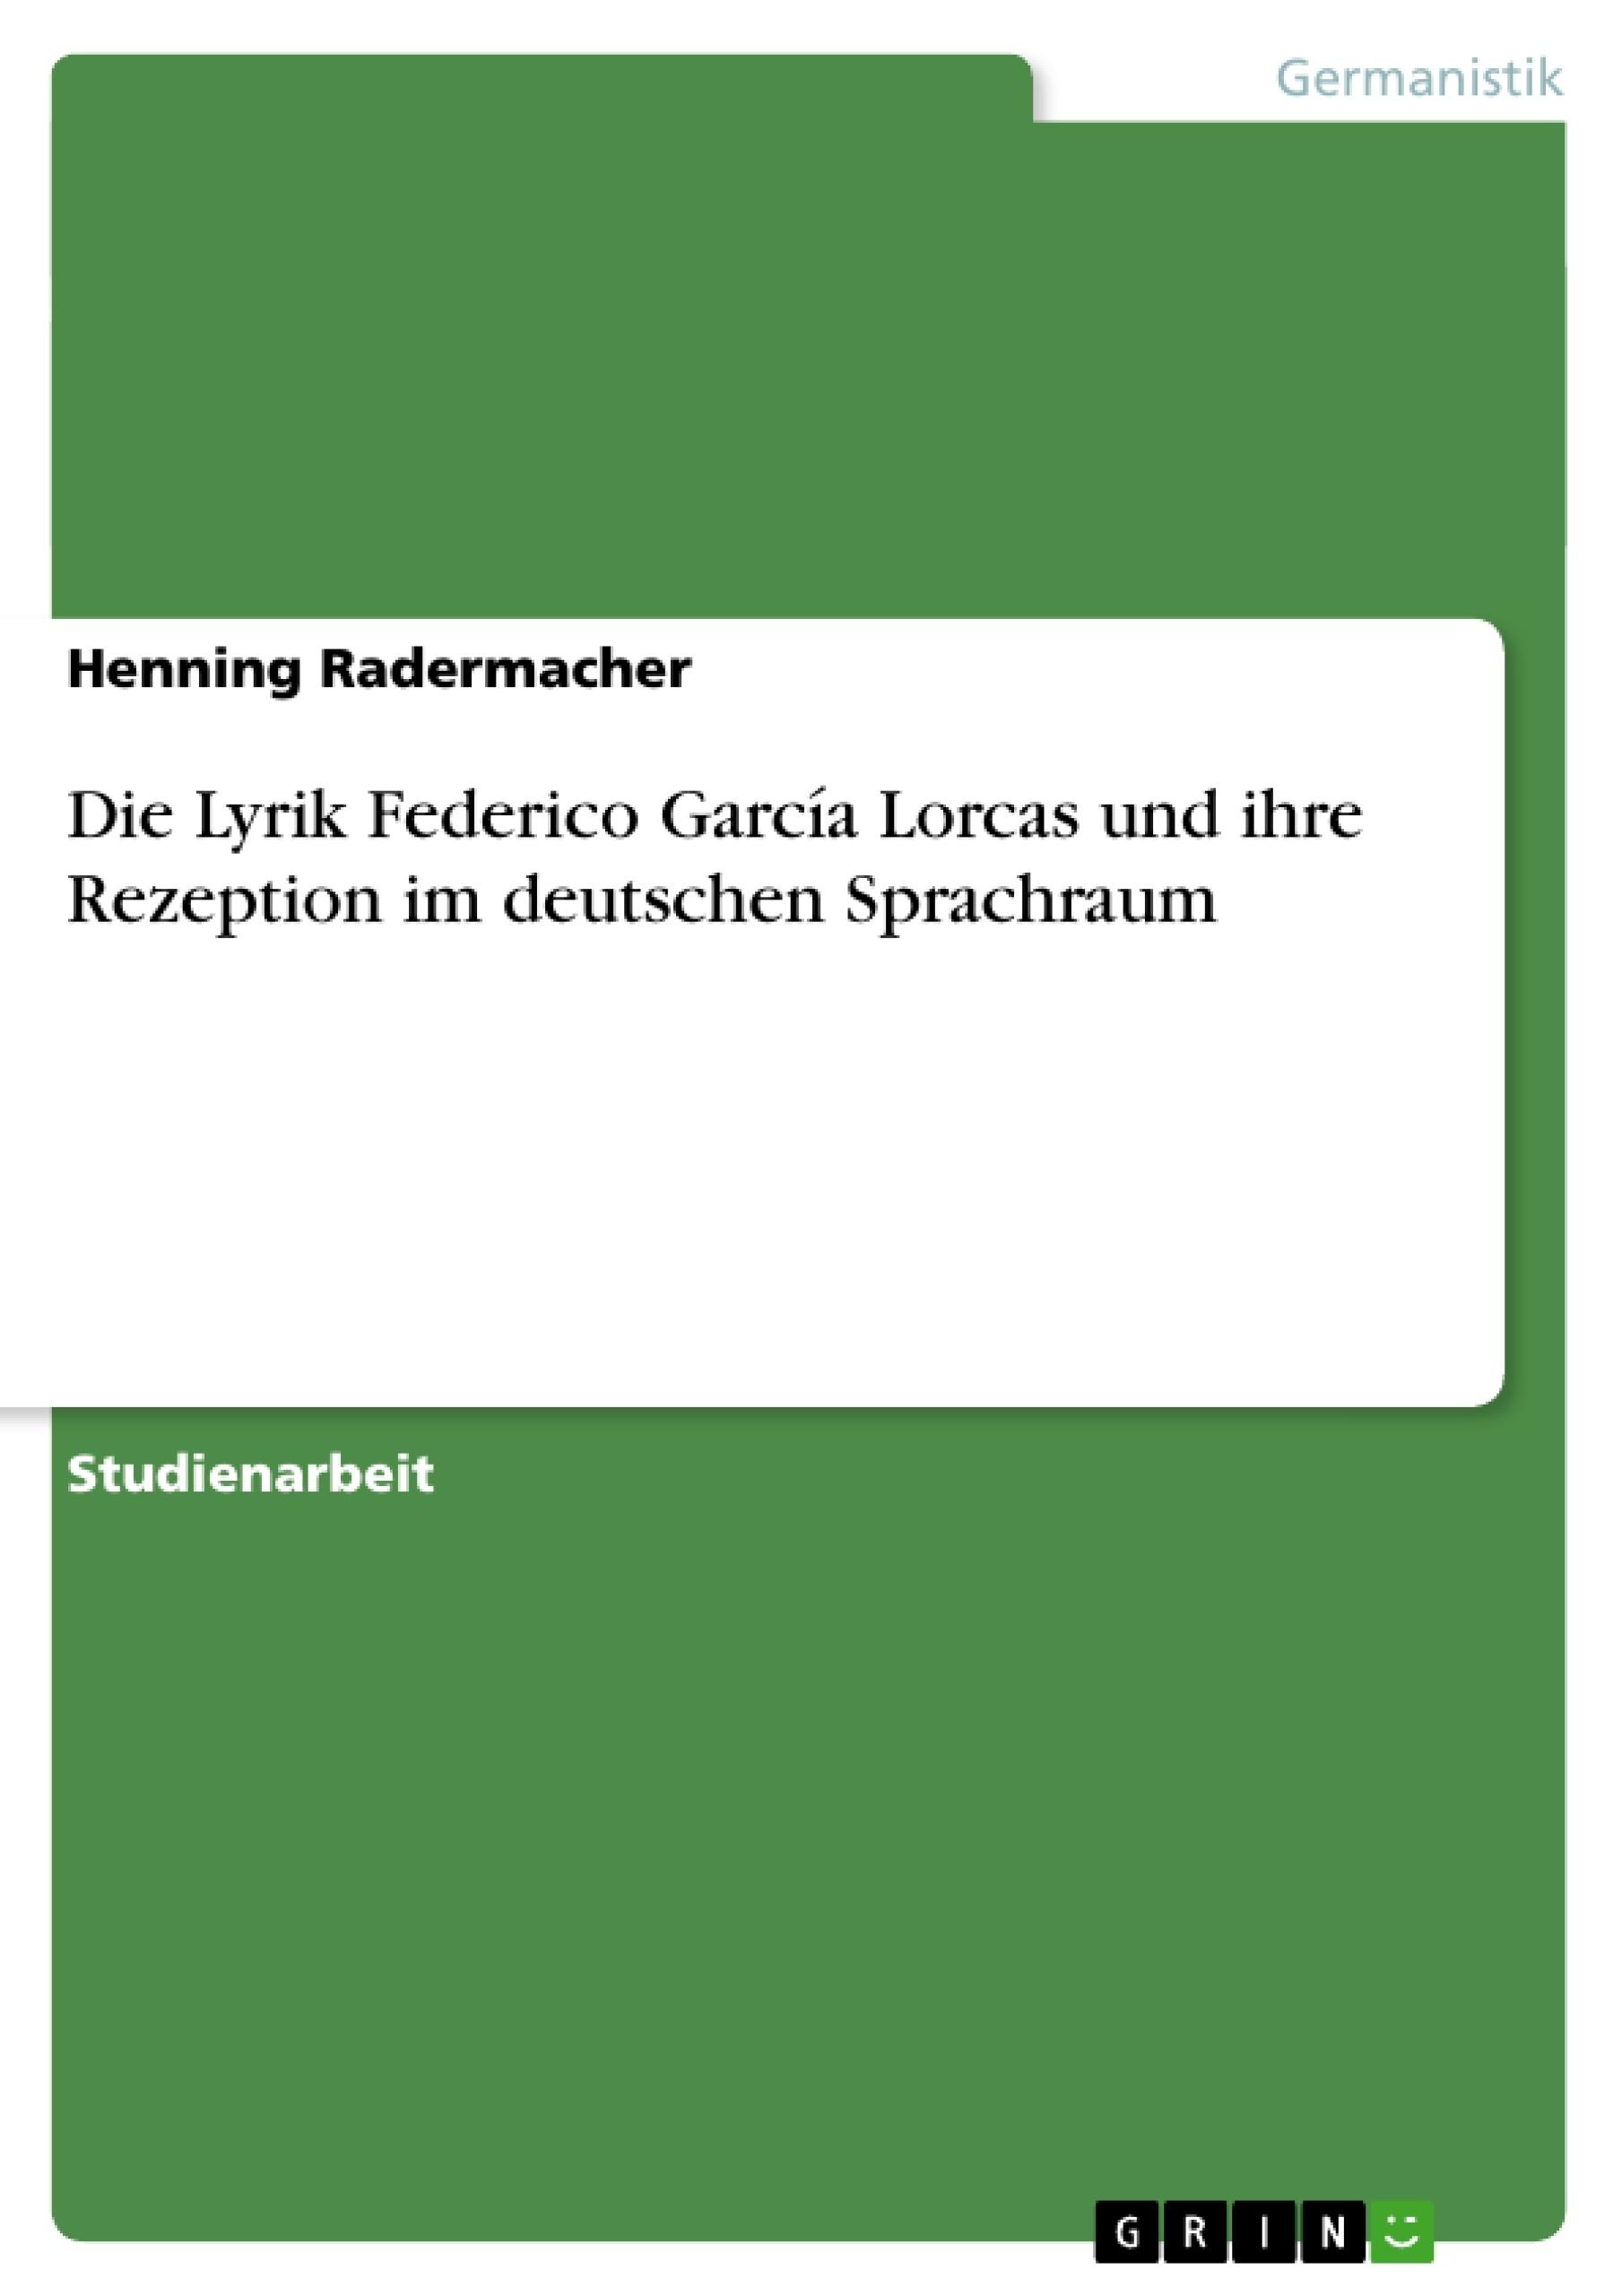 Titel: Die Lyrik Federico García Lorcas und ihre Rezeption im deutschen Sprachraum